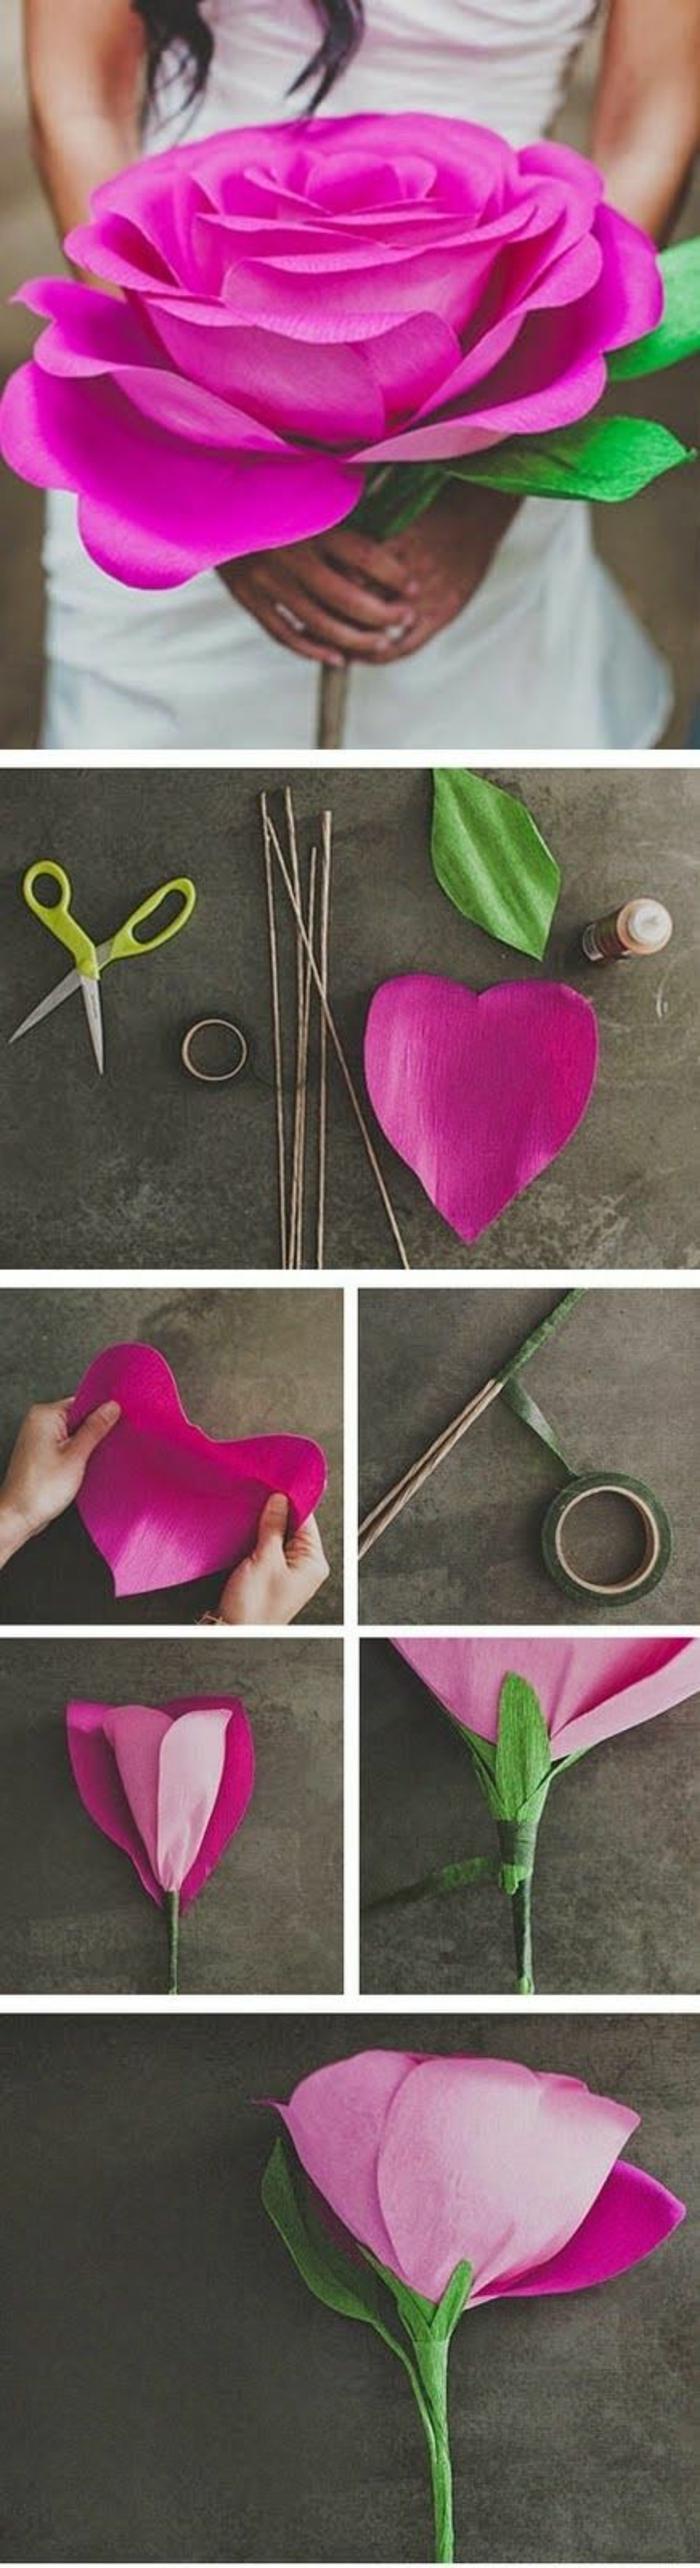 papierblumen basteln, große rose aus papier, schere, kleber